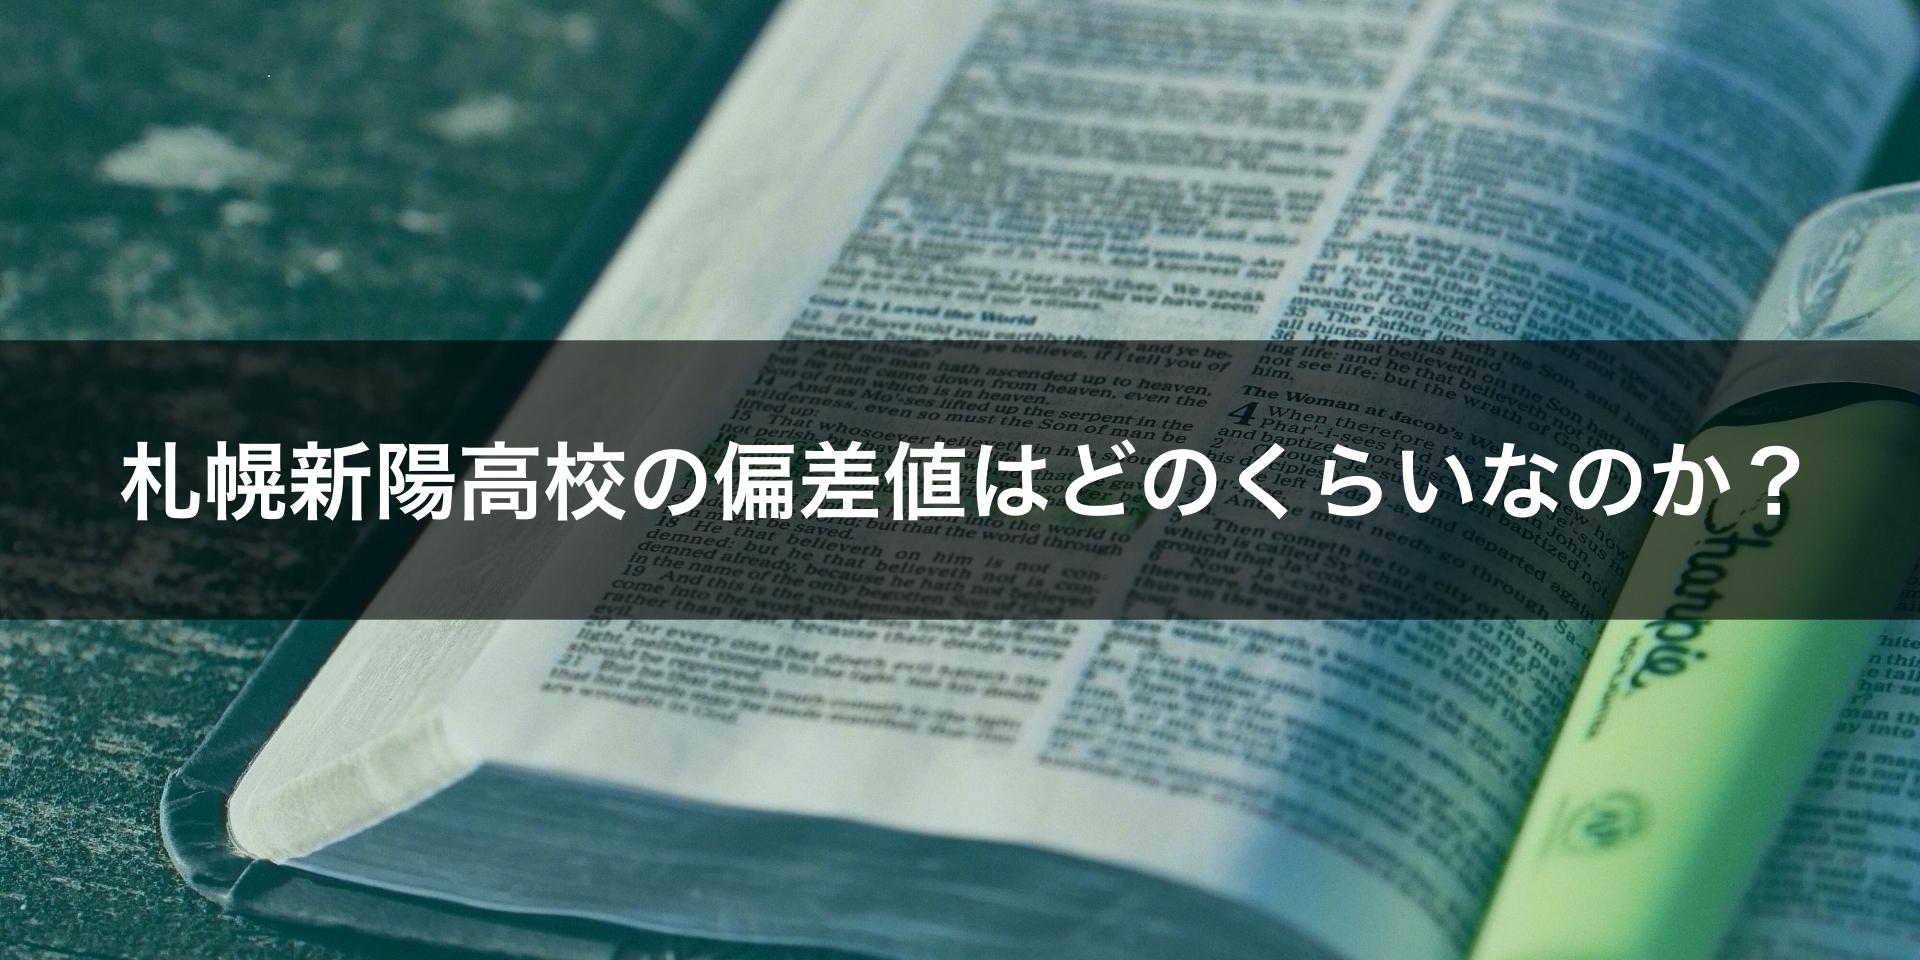 札幌新陽高校の偏差値はどのくらいなのか?